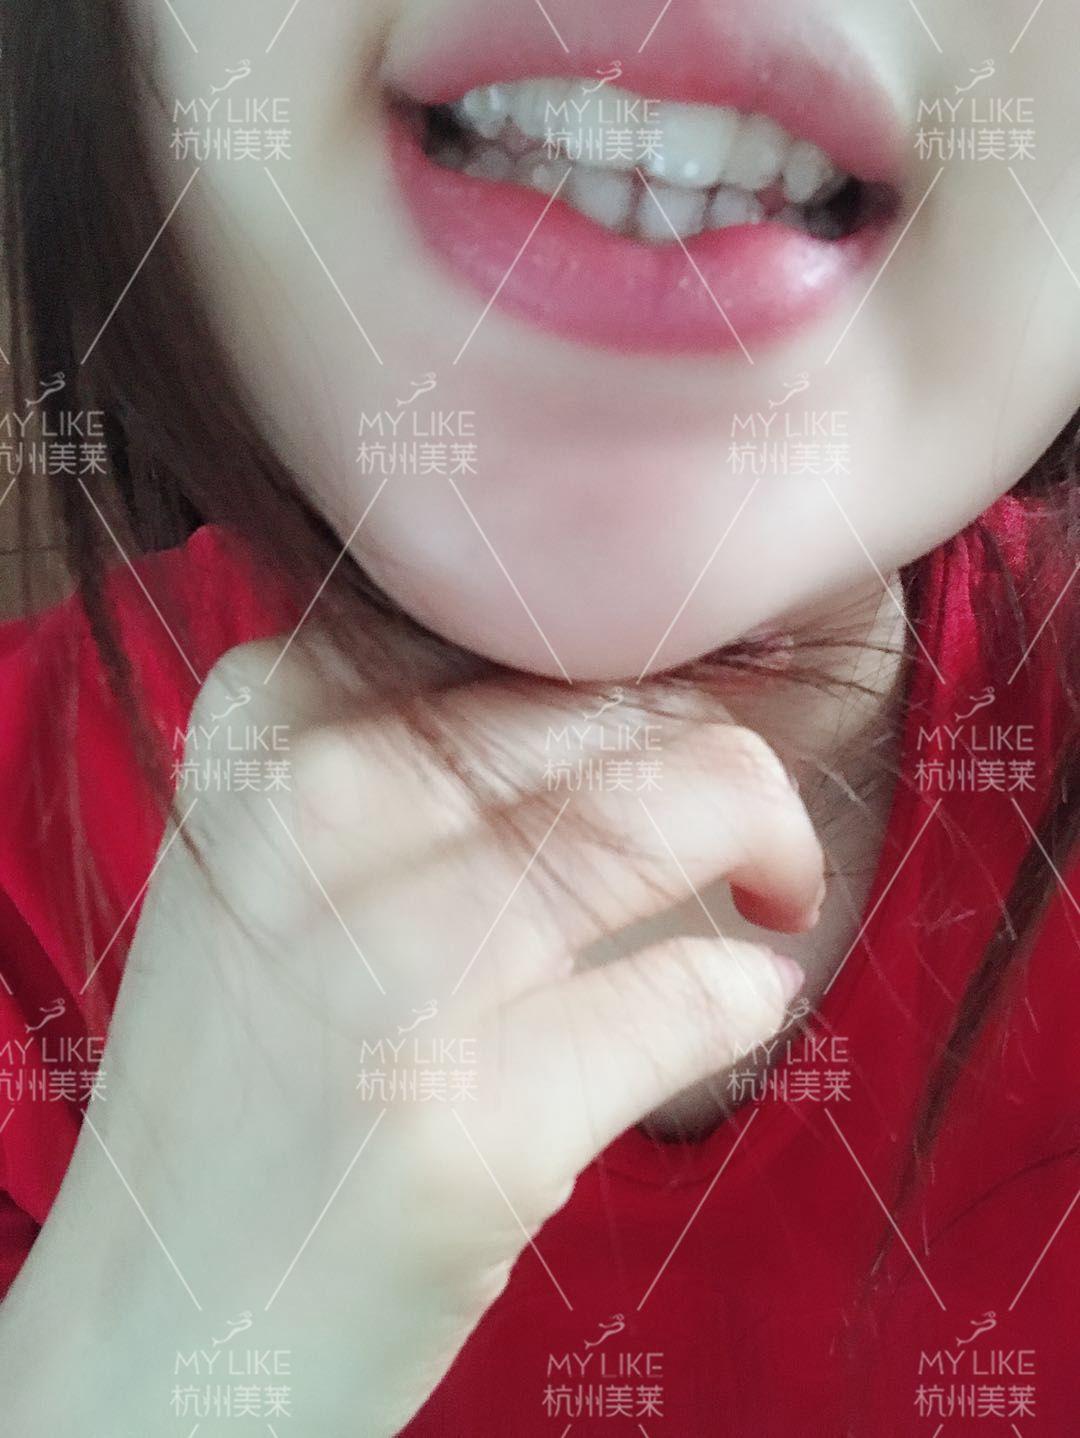 去粘隐适美的附件了,特意感受了几天才写的,整个过程非常的迅速,也没有什么不舒服,也就半个小时,没有什么好说的,我是黏在牙齿里面的,十天换一次。就是粘上附件之后摘牙套不像以前那么方便了~还有就是粘上附件之后的第一天牙齿确实有点酸痛,但是在能忍受的范围之内第二天就没有什么感觉了~  粘上附件之后我发现不戴牙套的时候吃东西牙齿容易咬嘴,附件在嘴里的有一种说不出来的感觉~总结起来就是粘上附件之后,戴牙套比不戴牙套舒服~